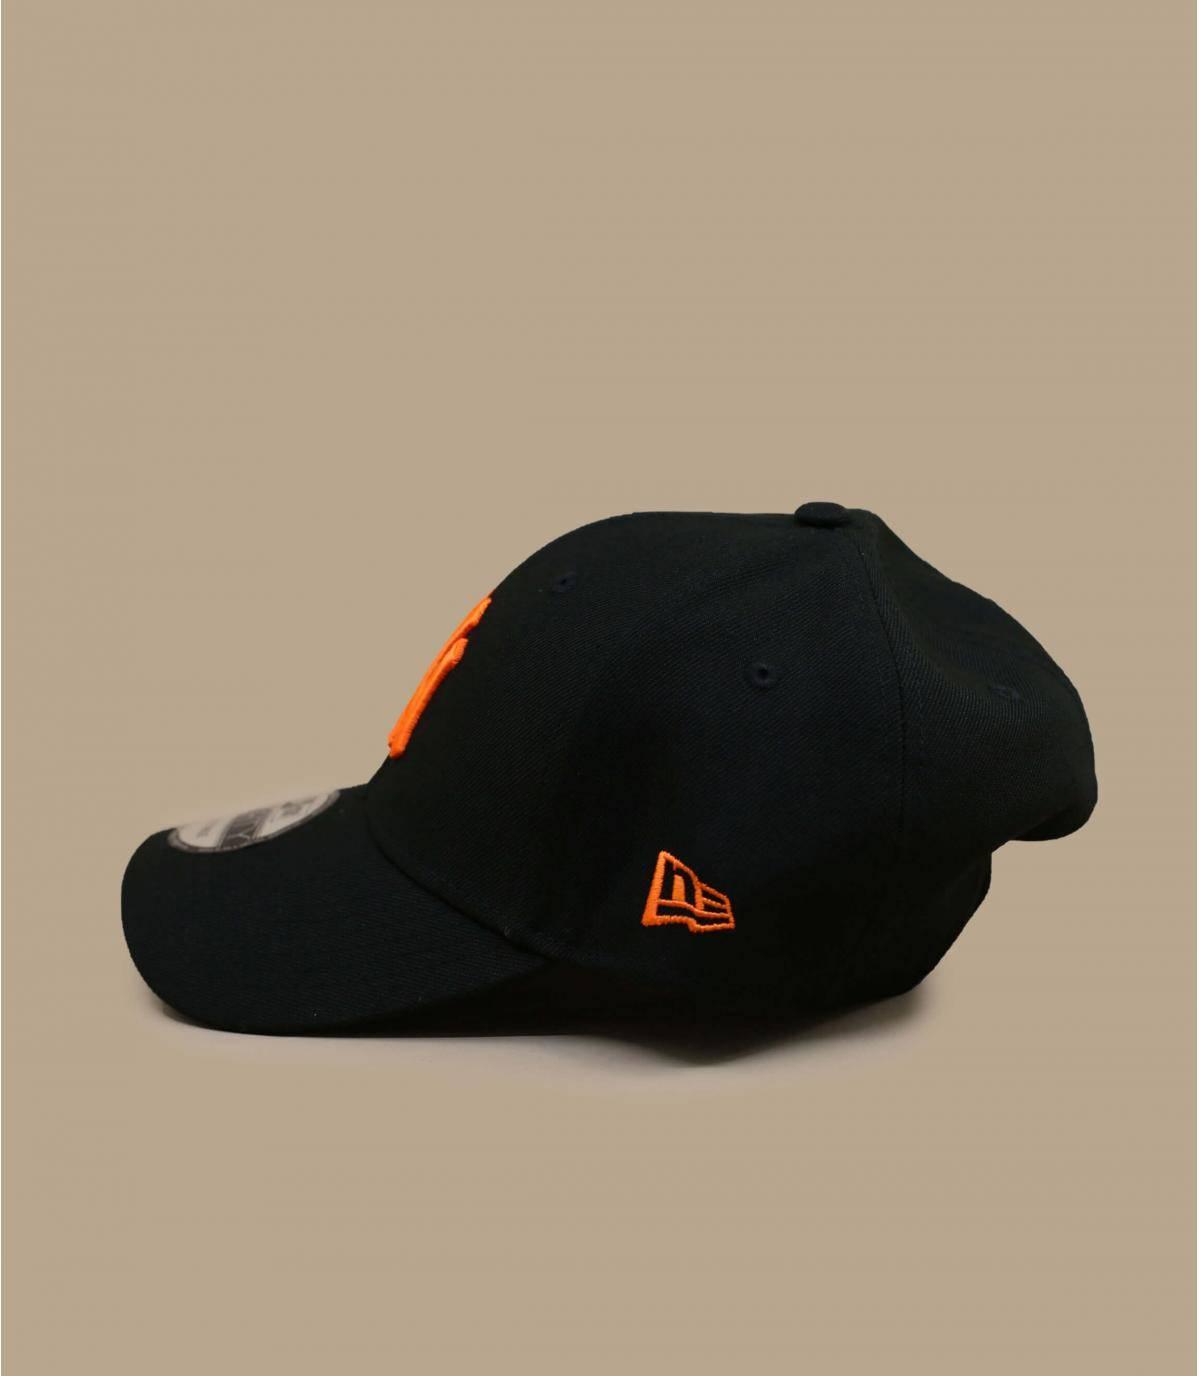 Details Pop Logo 940 NY black orange - afbeeling 3